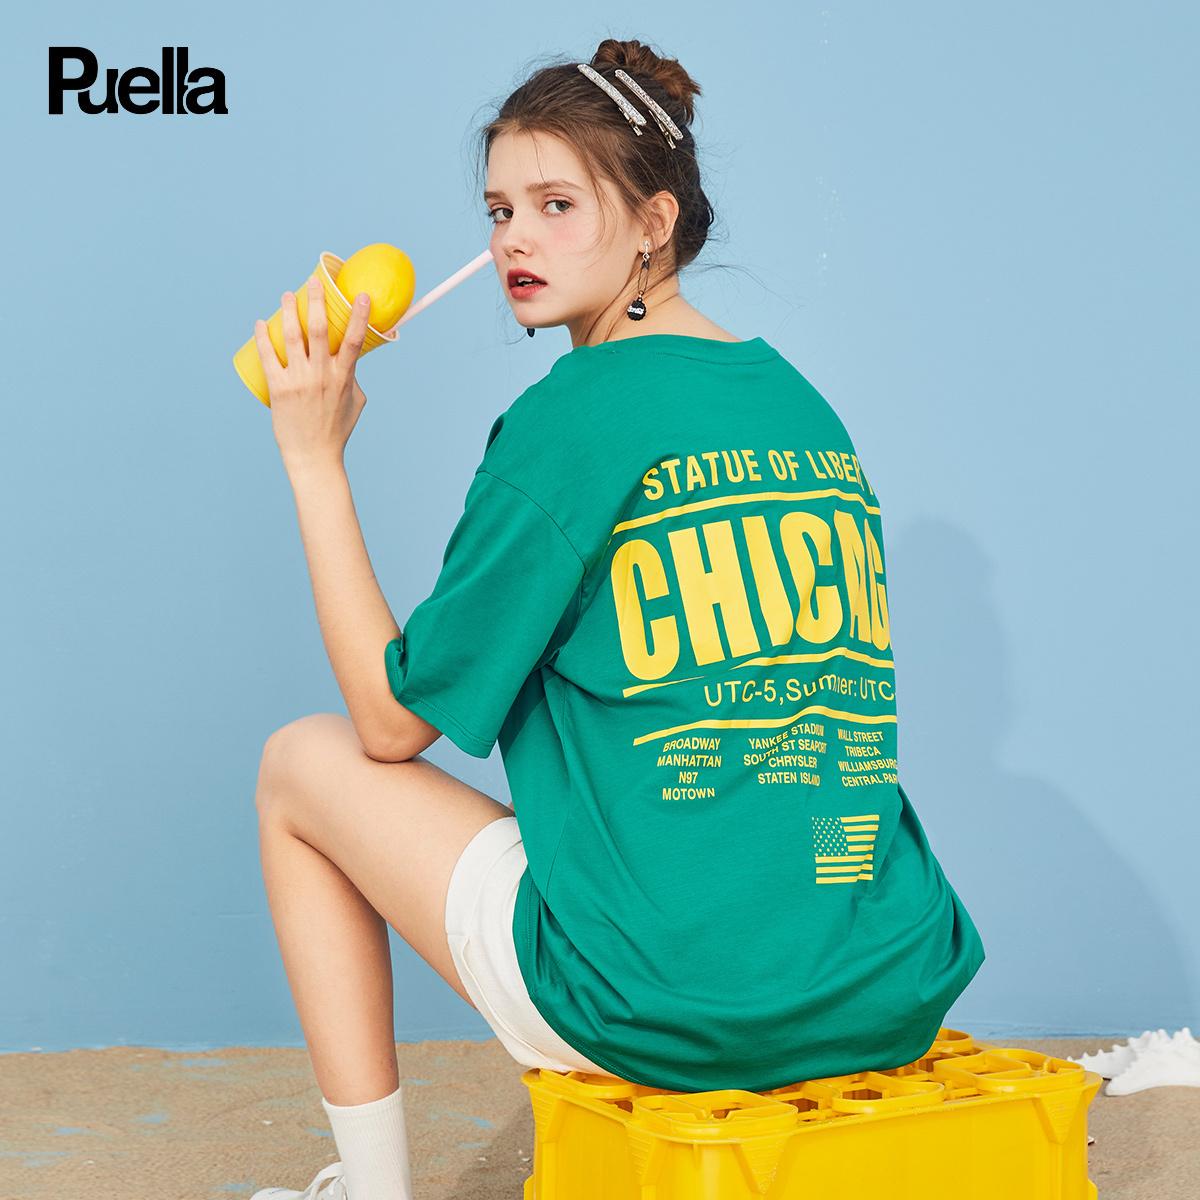 Puella 20014614 女士短袖T恤 119元